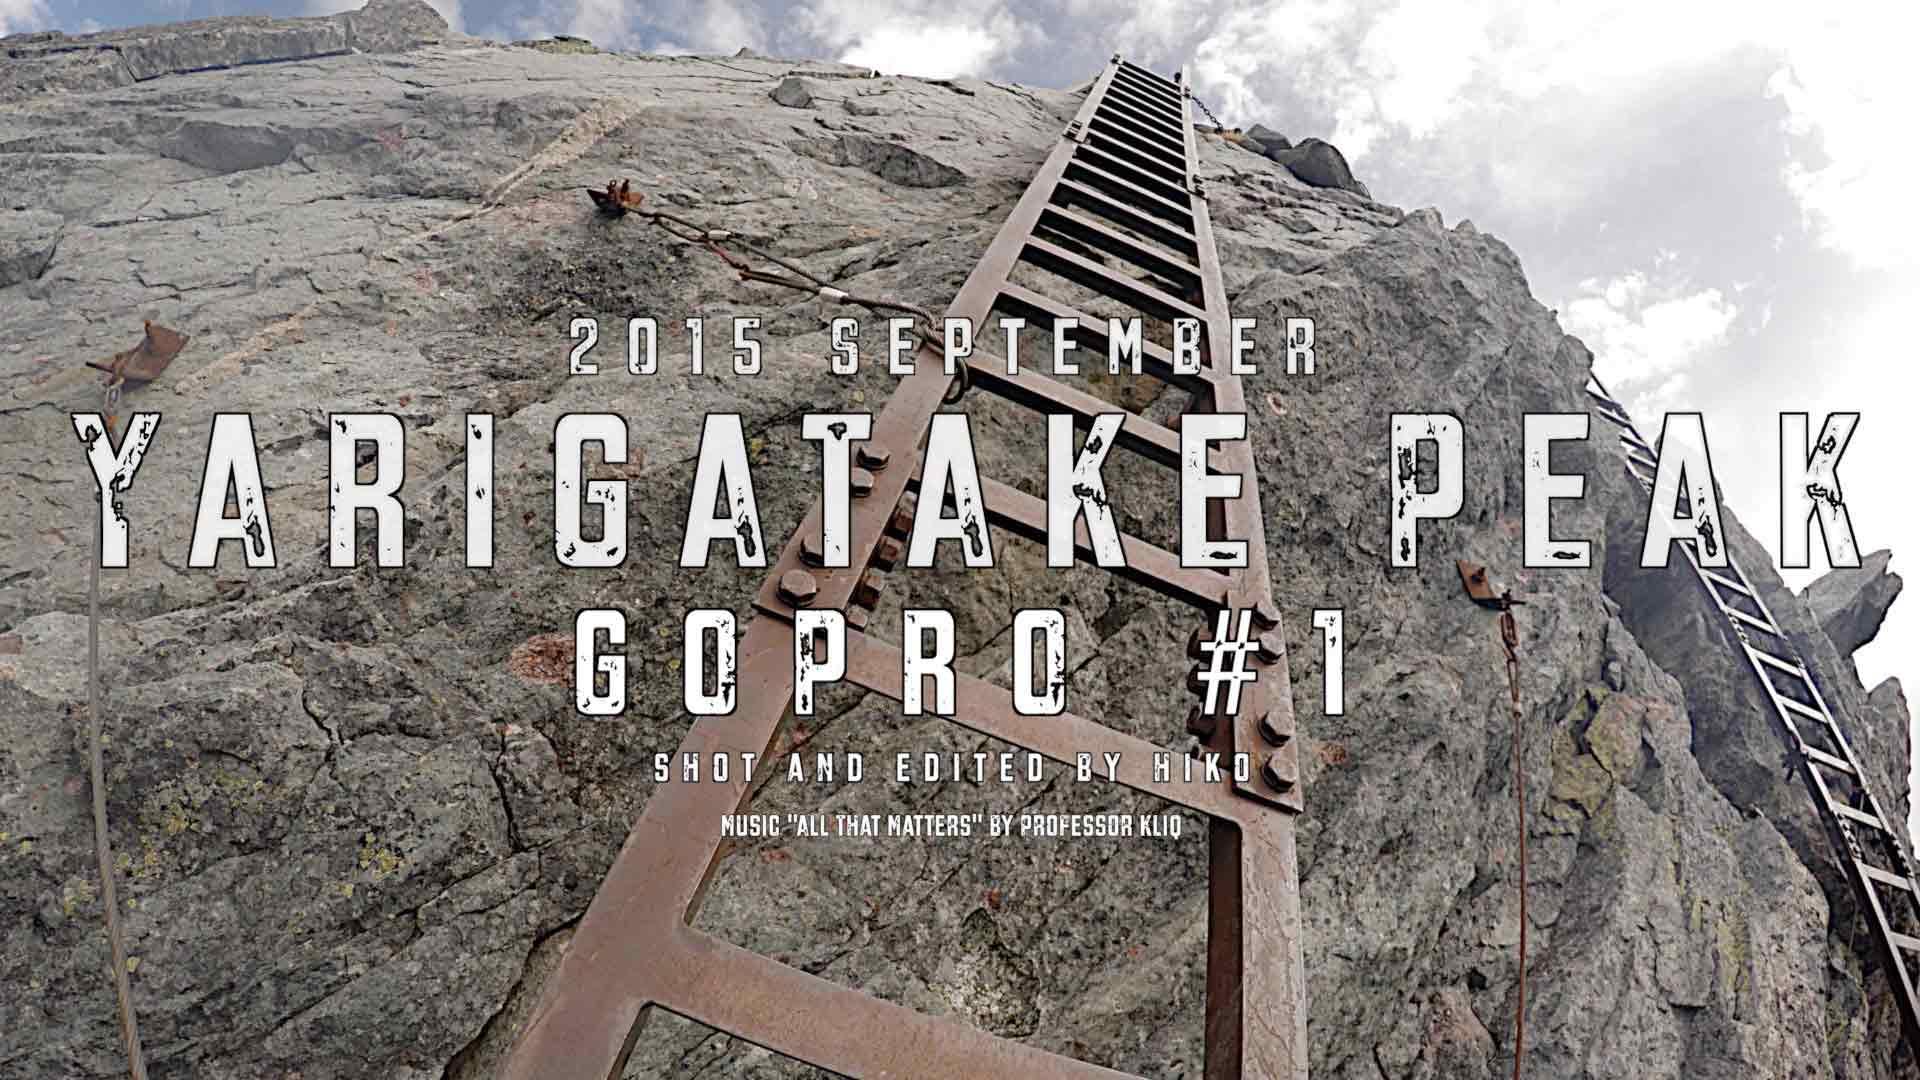 Yarigatake-Peak-GoPro-1